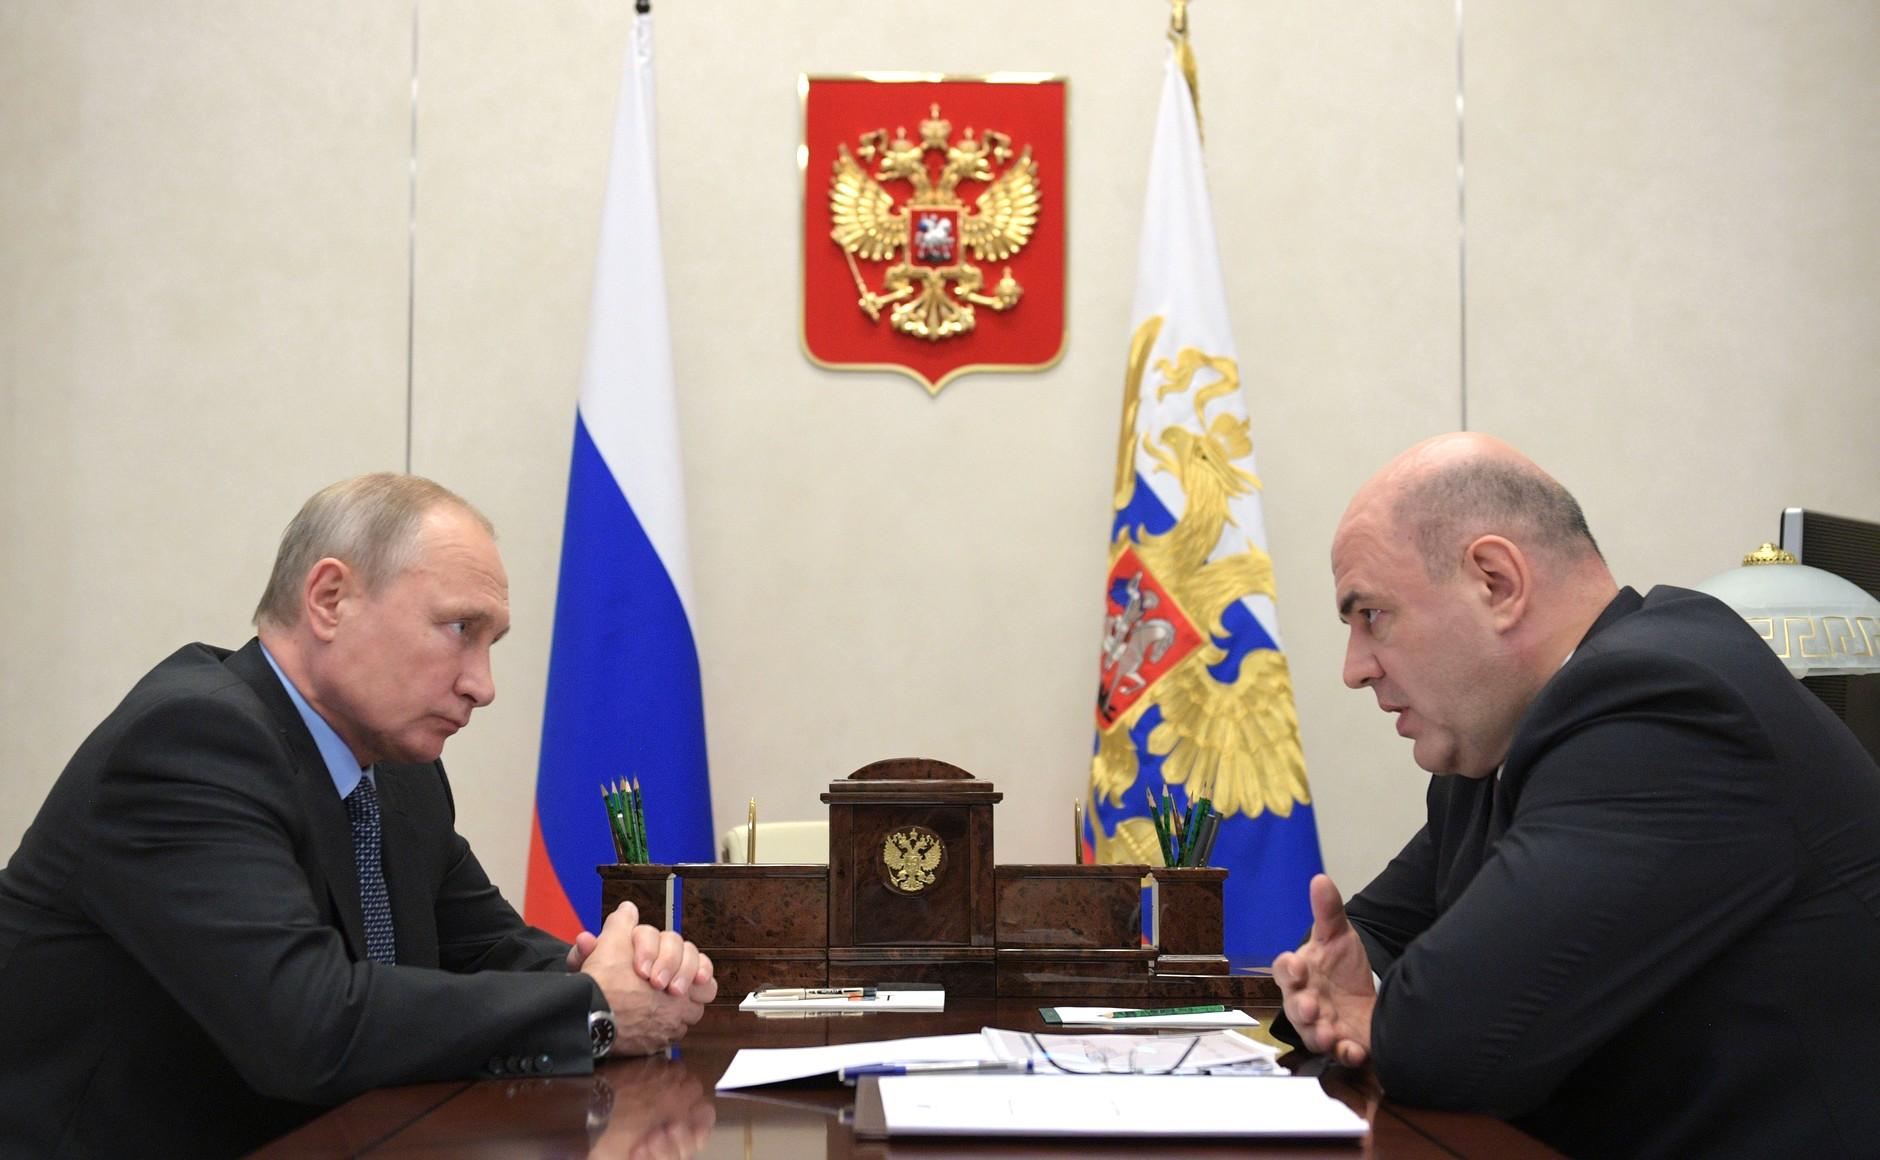 Налог на самозанятых граждан РФ 2019 - что это такое, когда введут и кого коснется новые фото